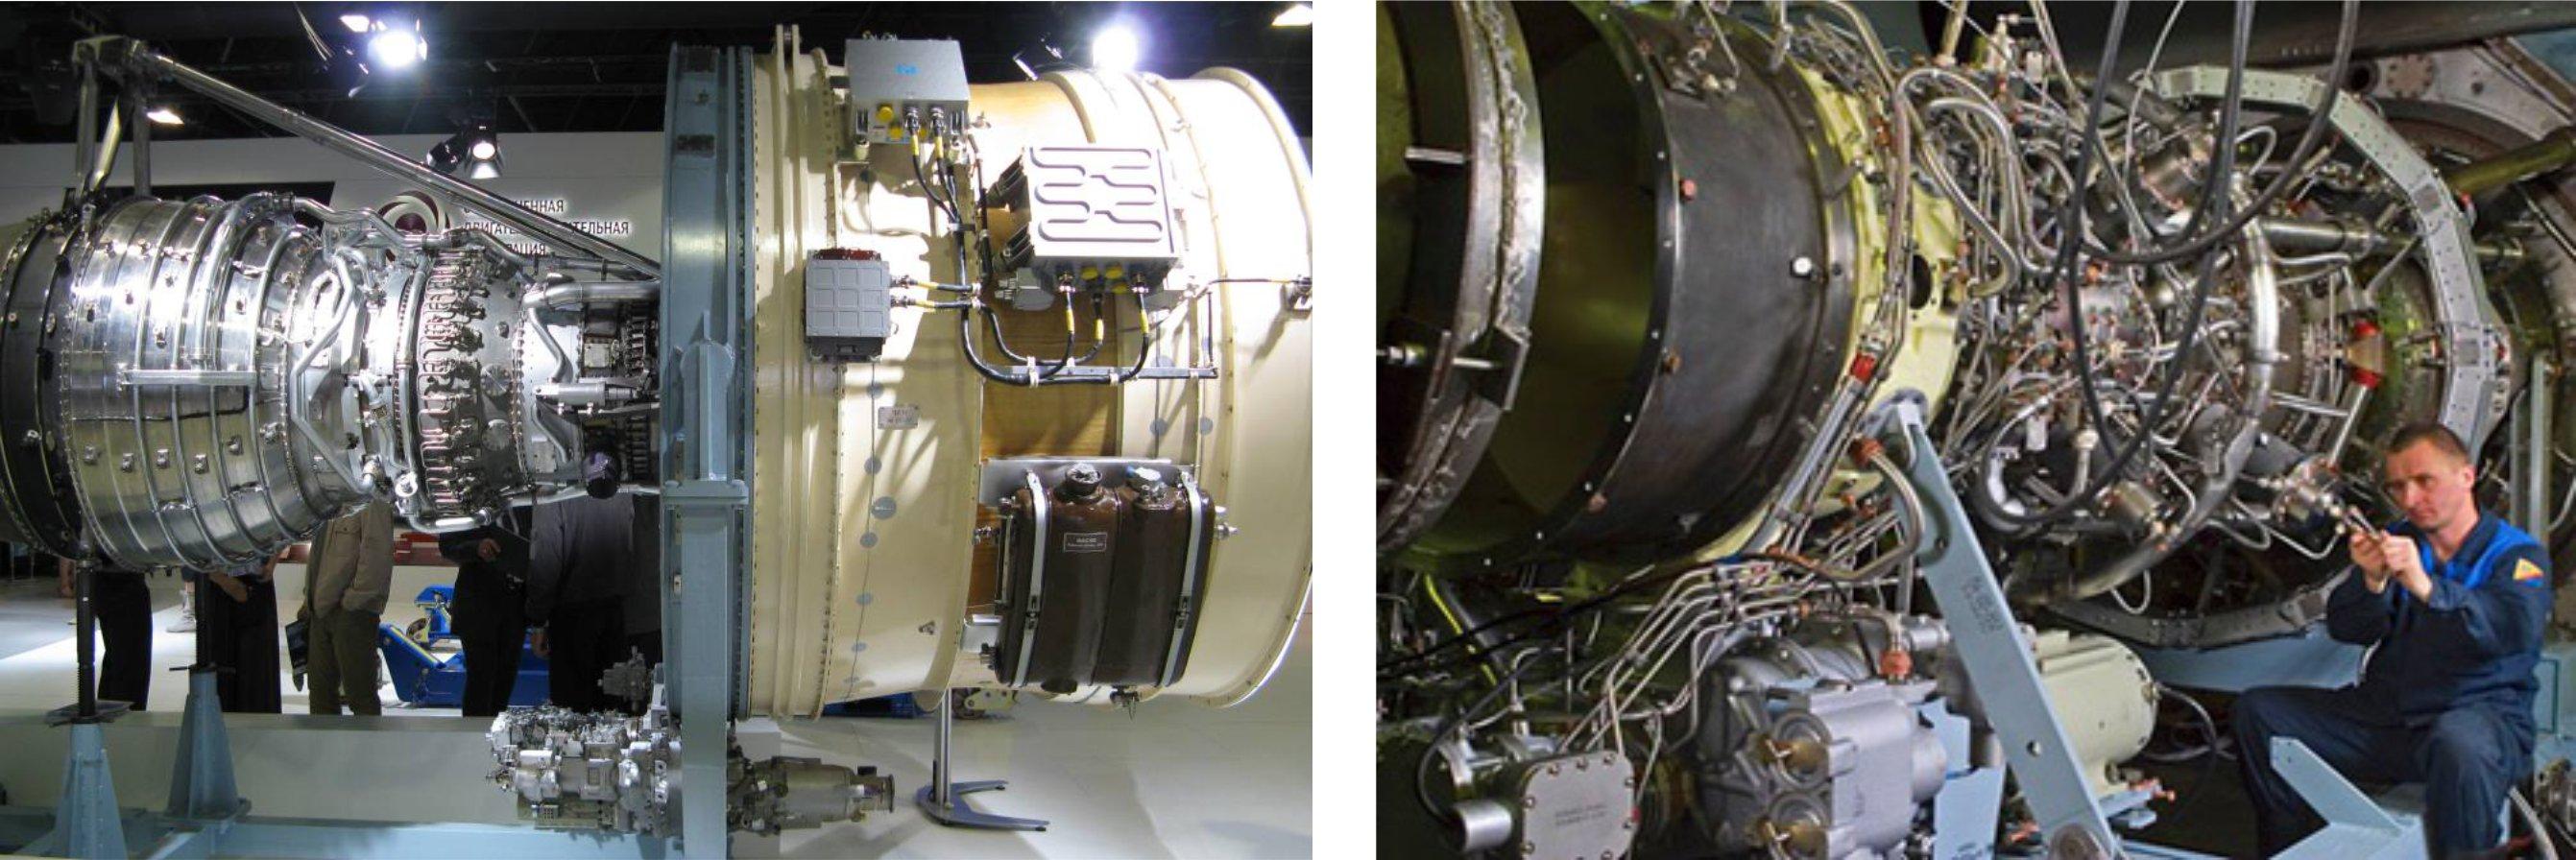 схема испытательного стенда в лаборатории двигателя